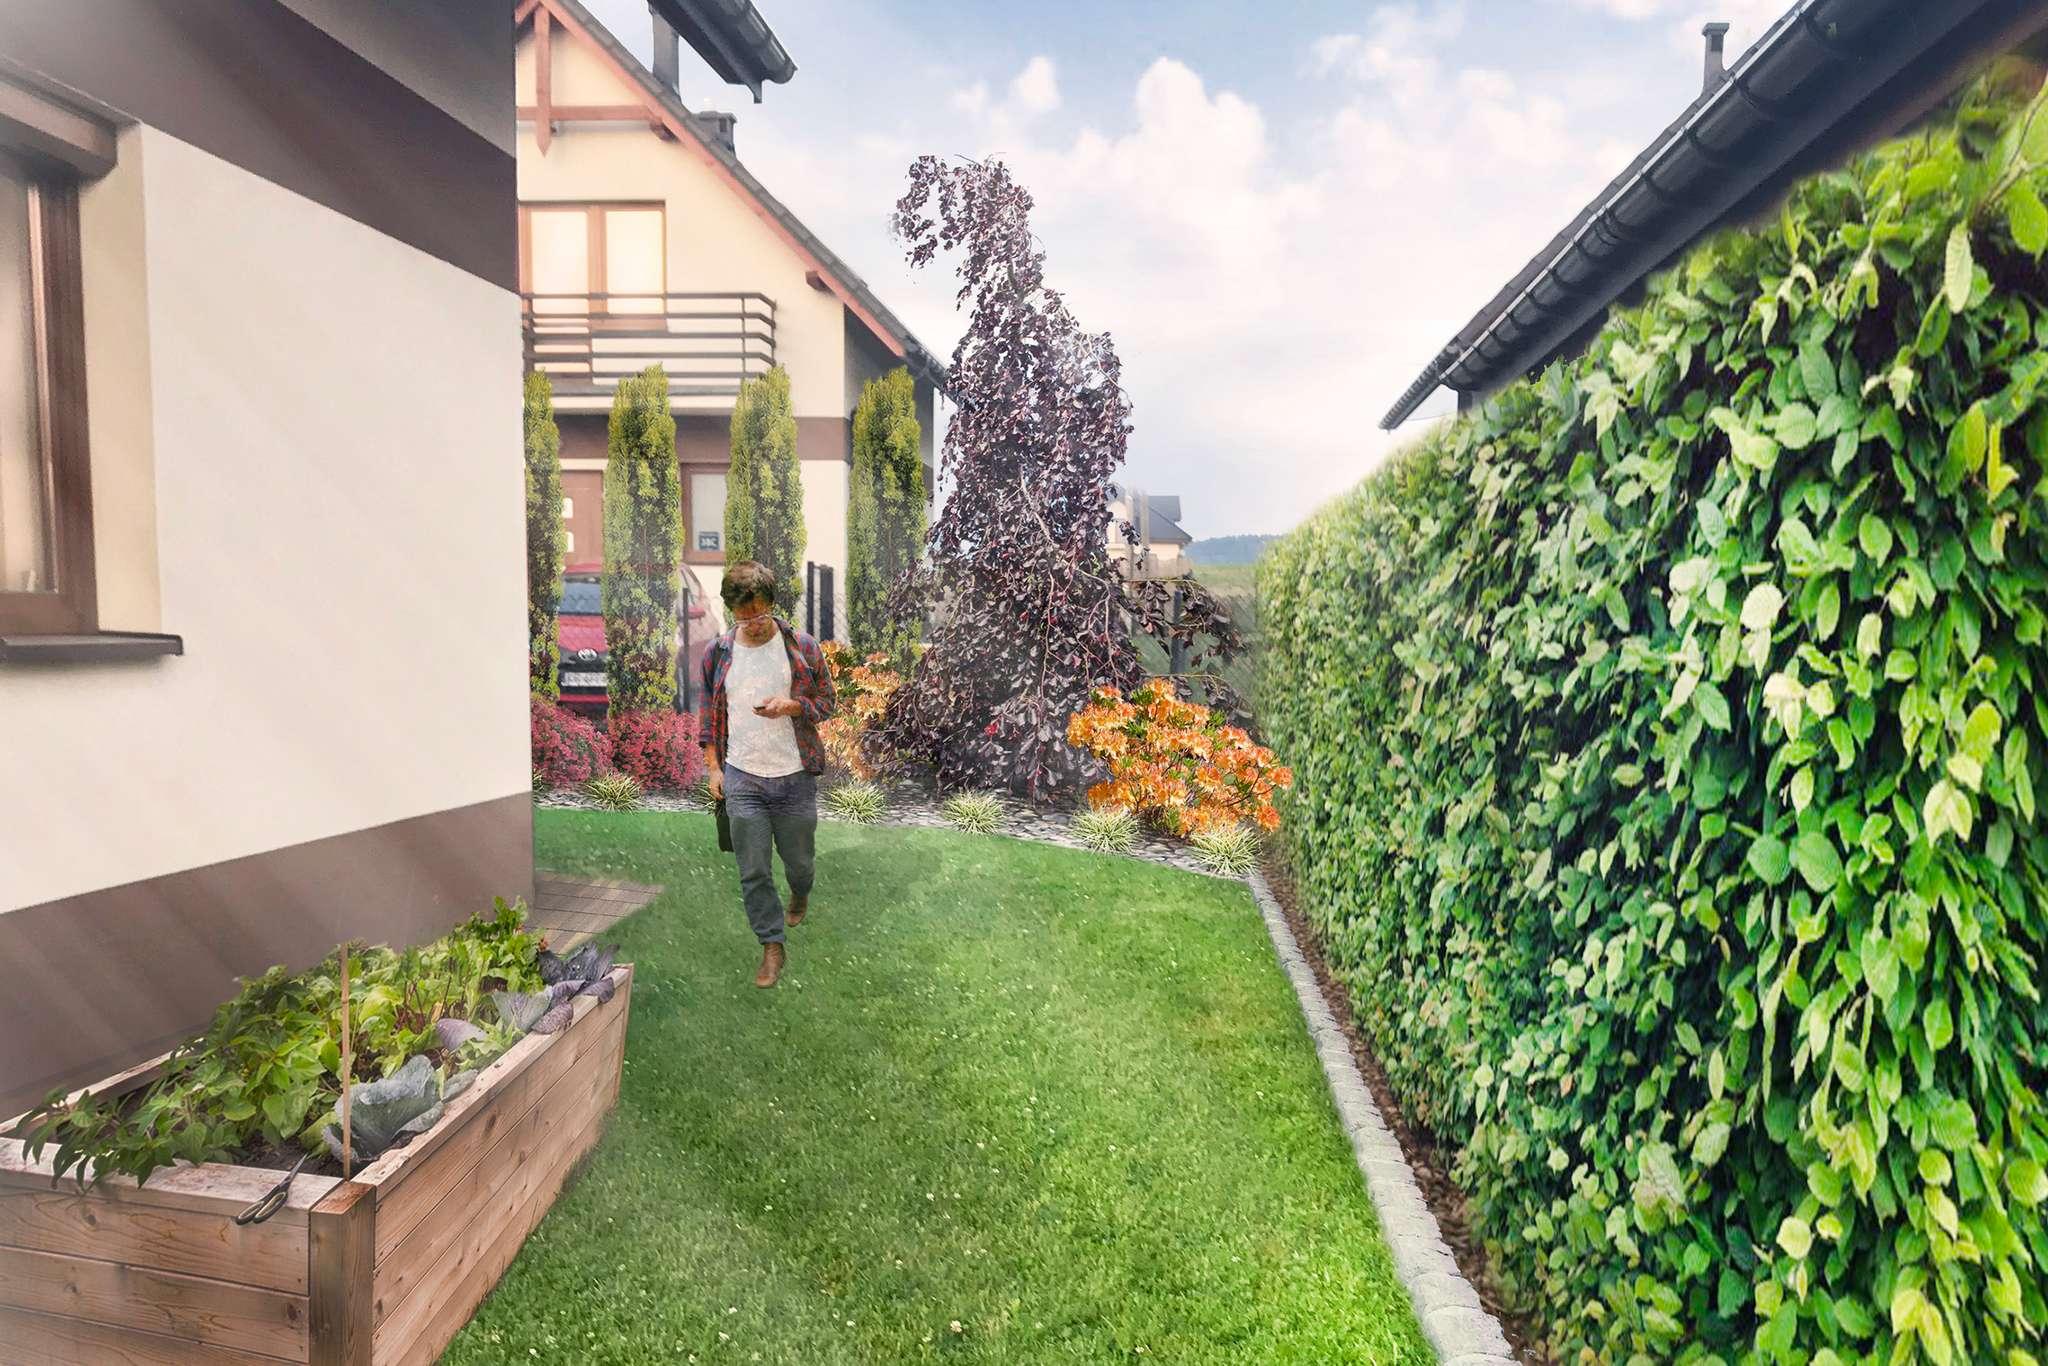 ogród w ognistych barwach - widok na warzywnik i żywopłot z grabu